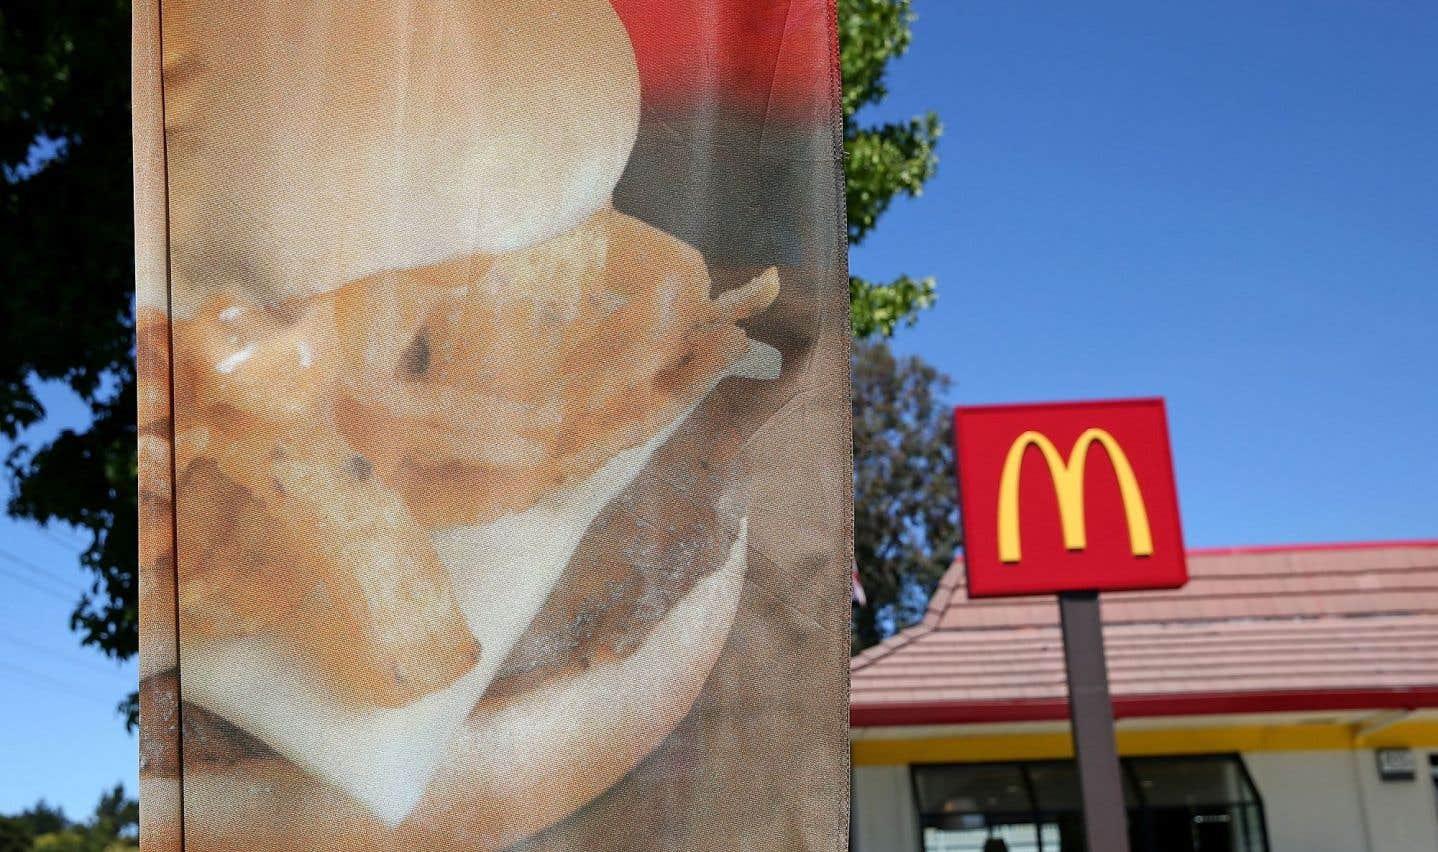 L'arrivée de la multinationale du hamburger n'est pas en odeur de sainteté auprès des ecclésiastiques.